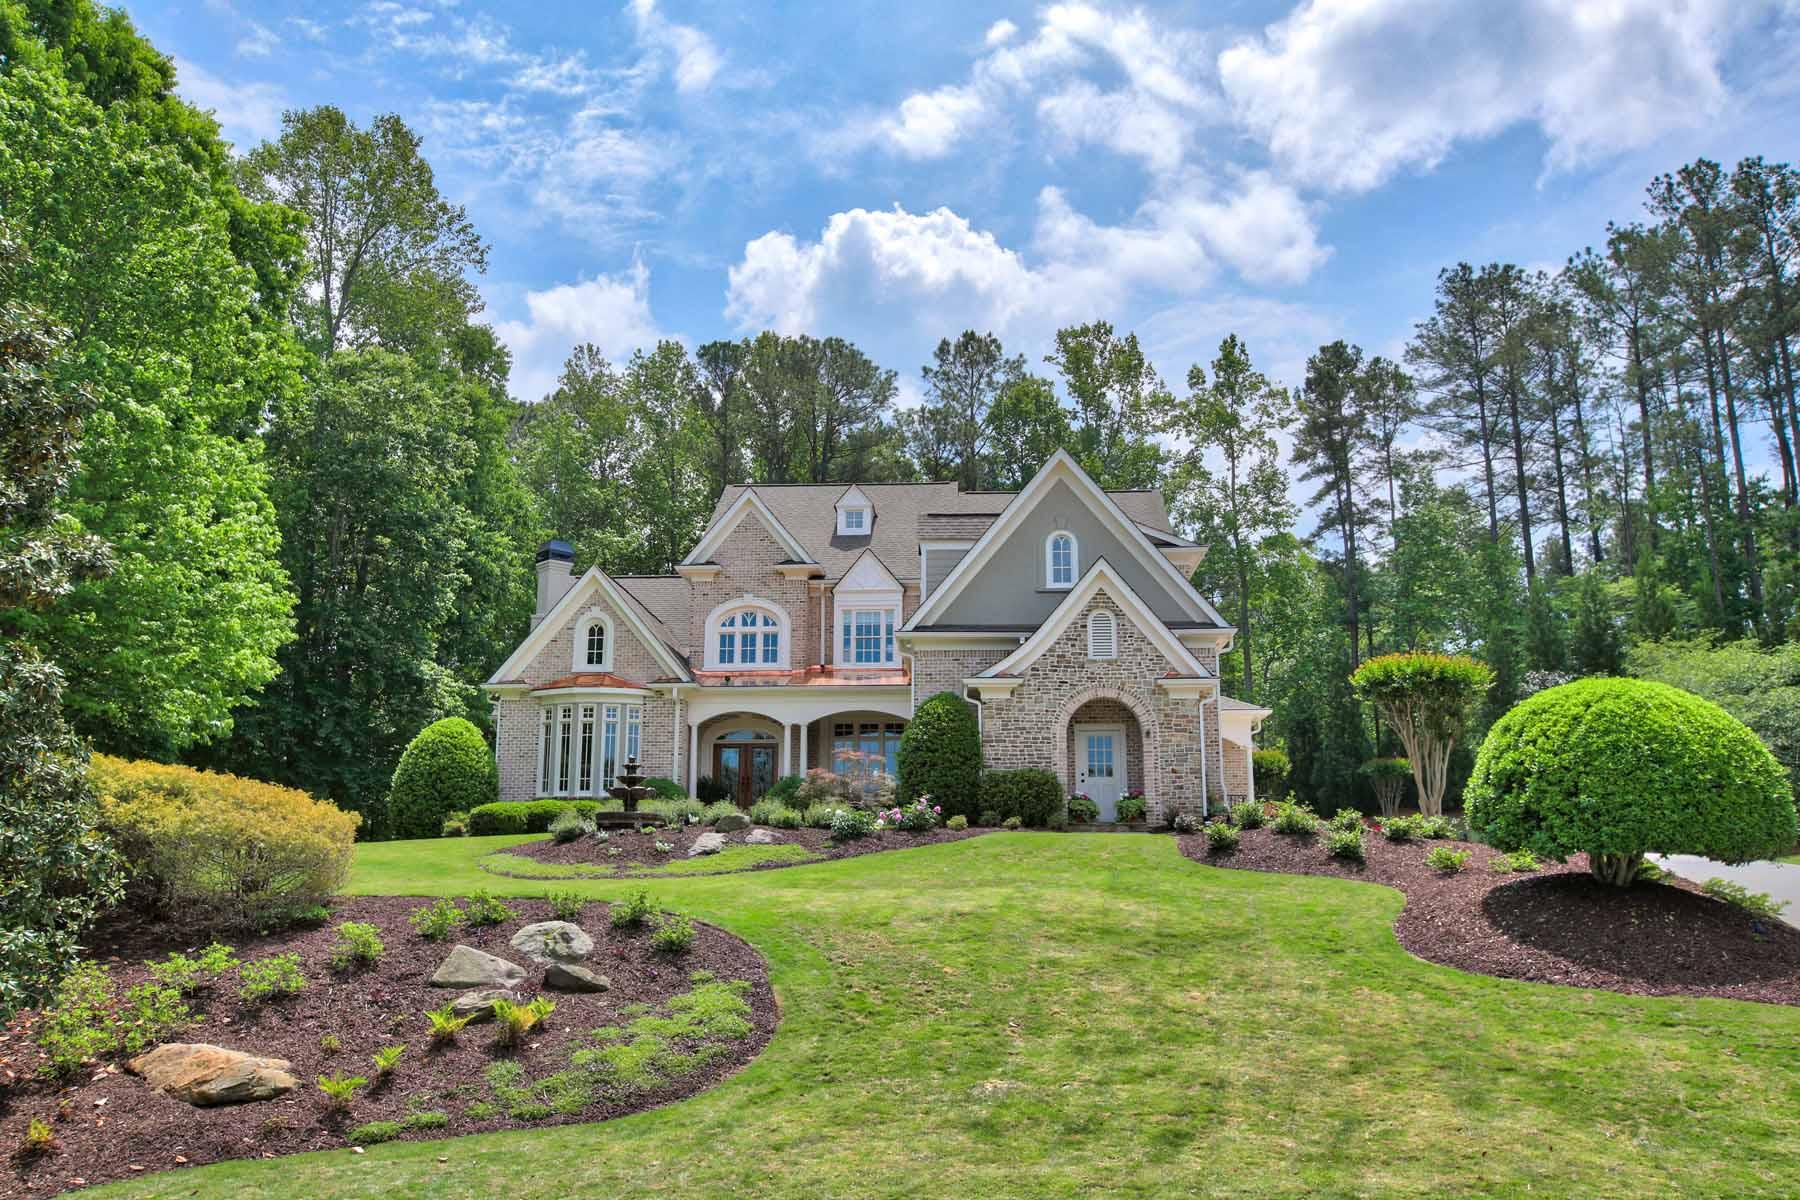 Tek Ailelik Ev için Satış at Stunning Estate Home On Golf Course in White Columns 1270 Rolling Links Drive Milton, Georgia, 30004 Amerika Birleşik Devletleri